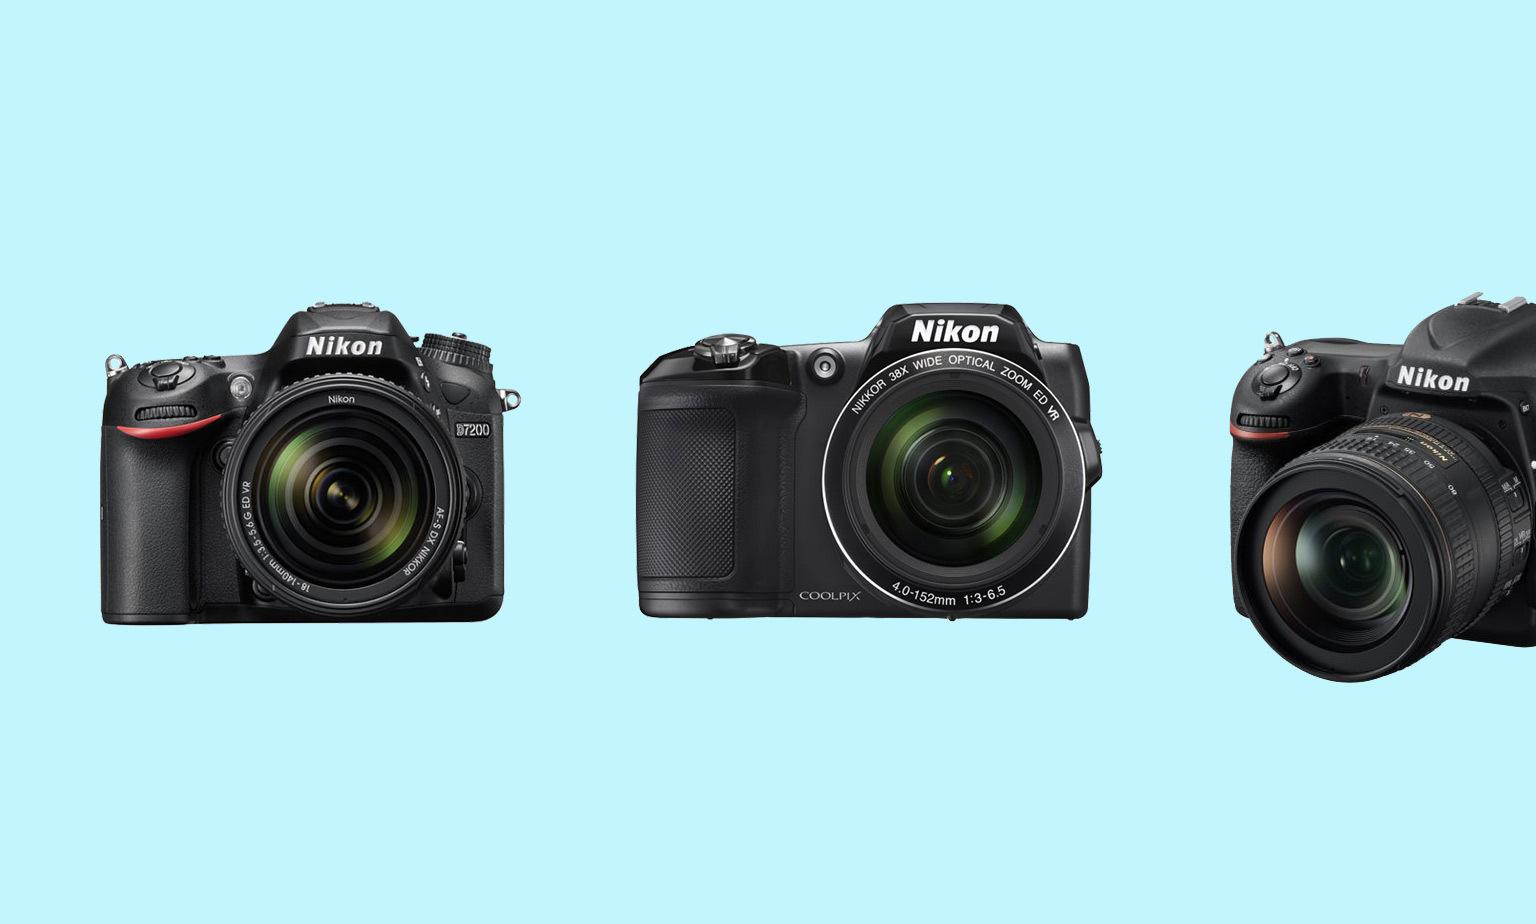 Take Cool Pix with Nikon